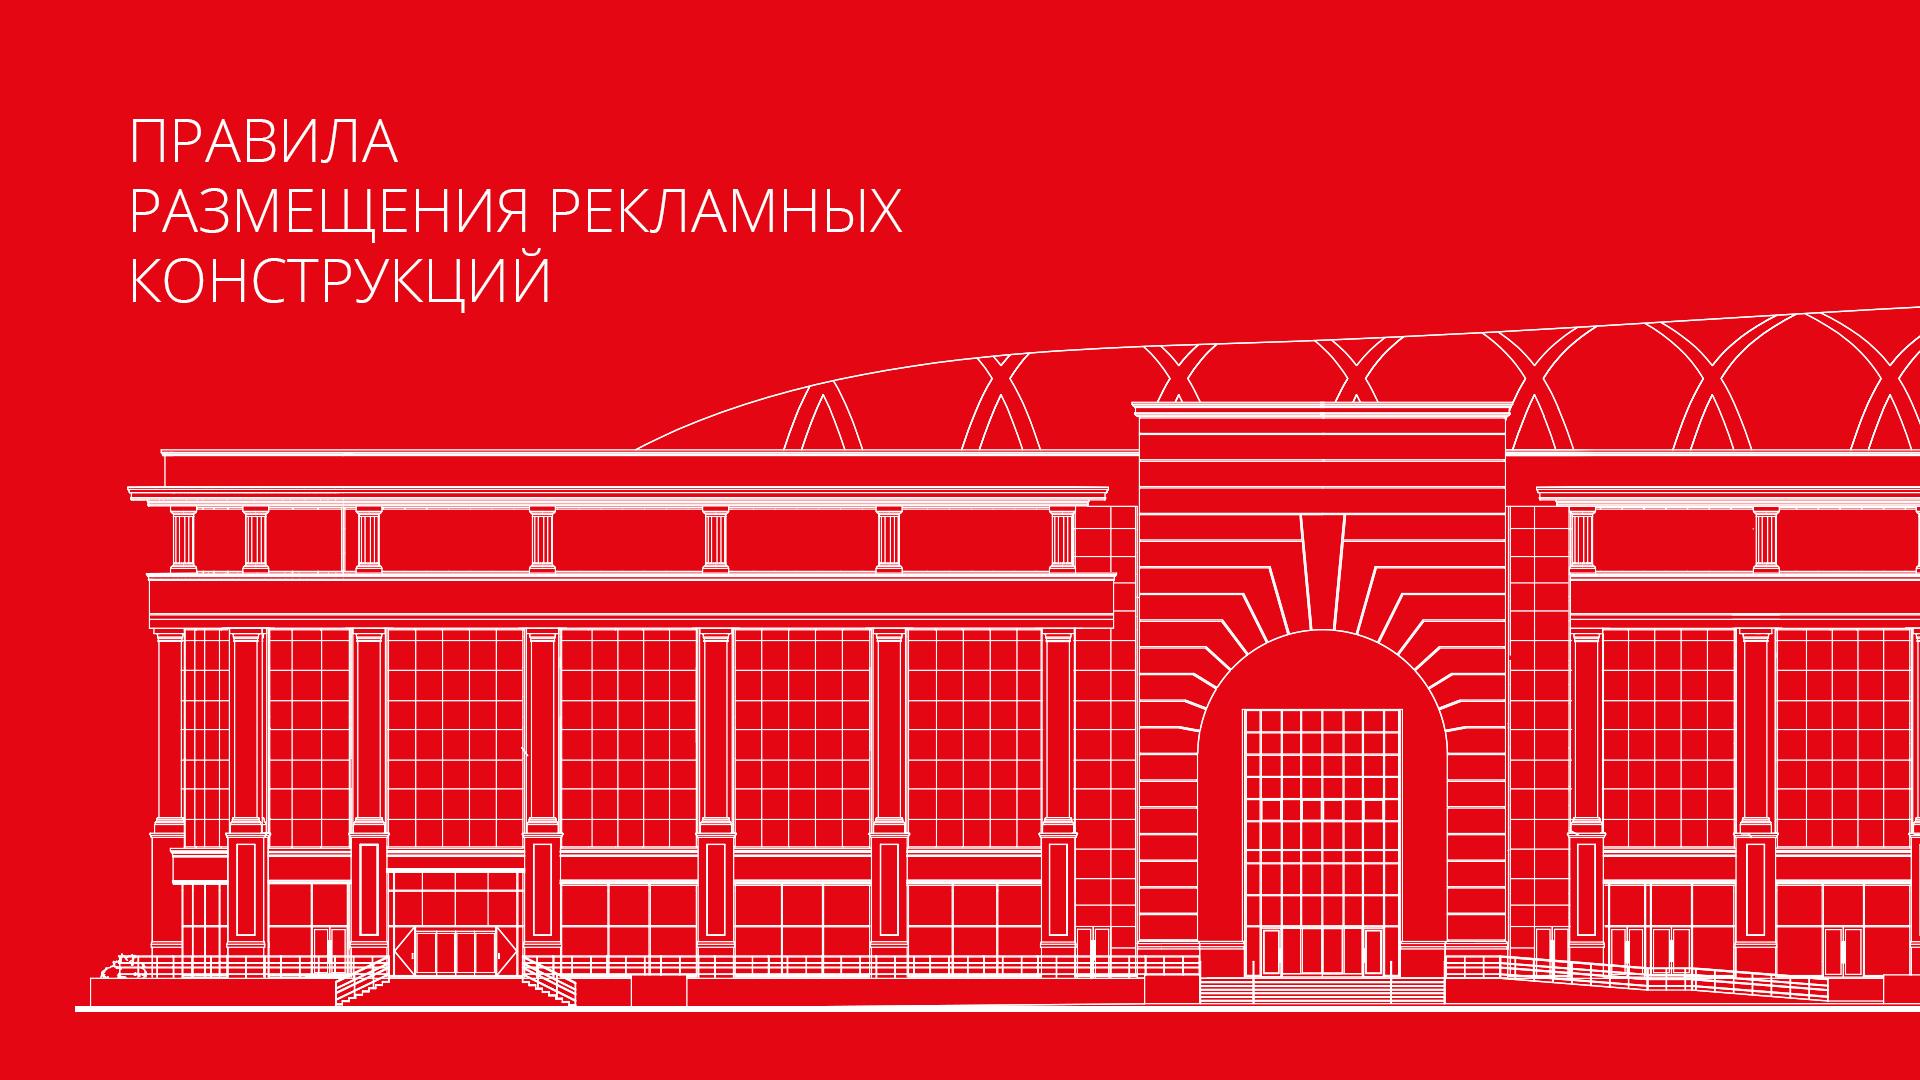 Асгард Брендинг, Красная Поляна, Курорт Красная Поляна, дизайн-код, правила размещения рекламных конструкций,